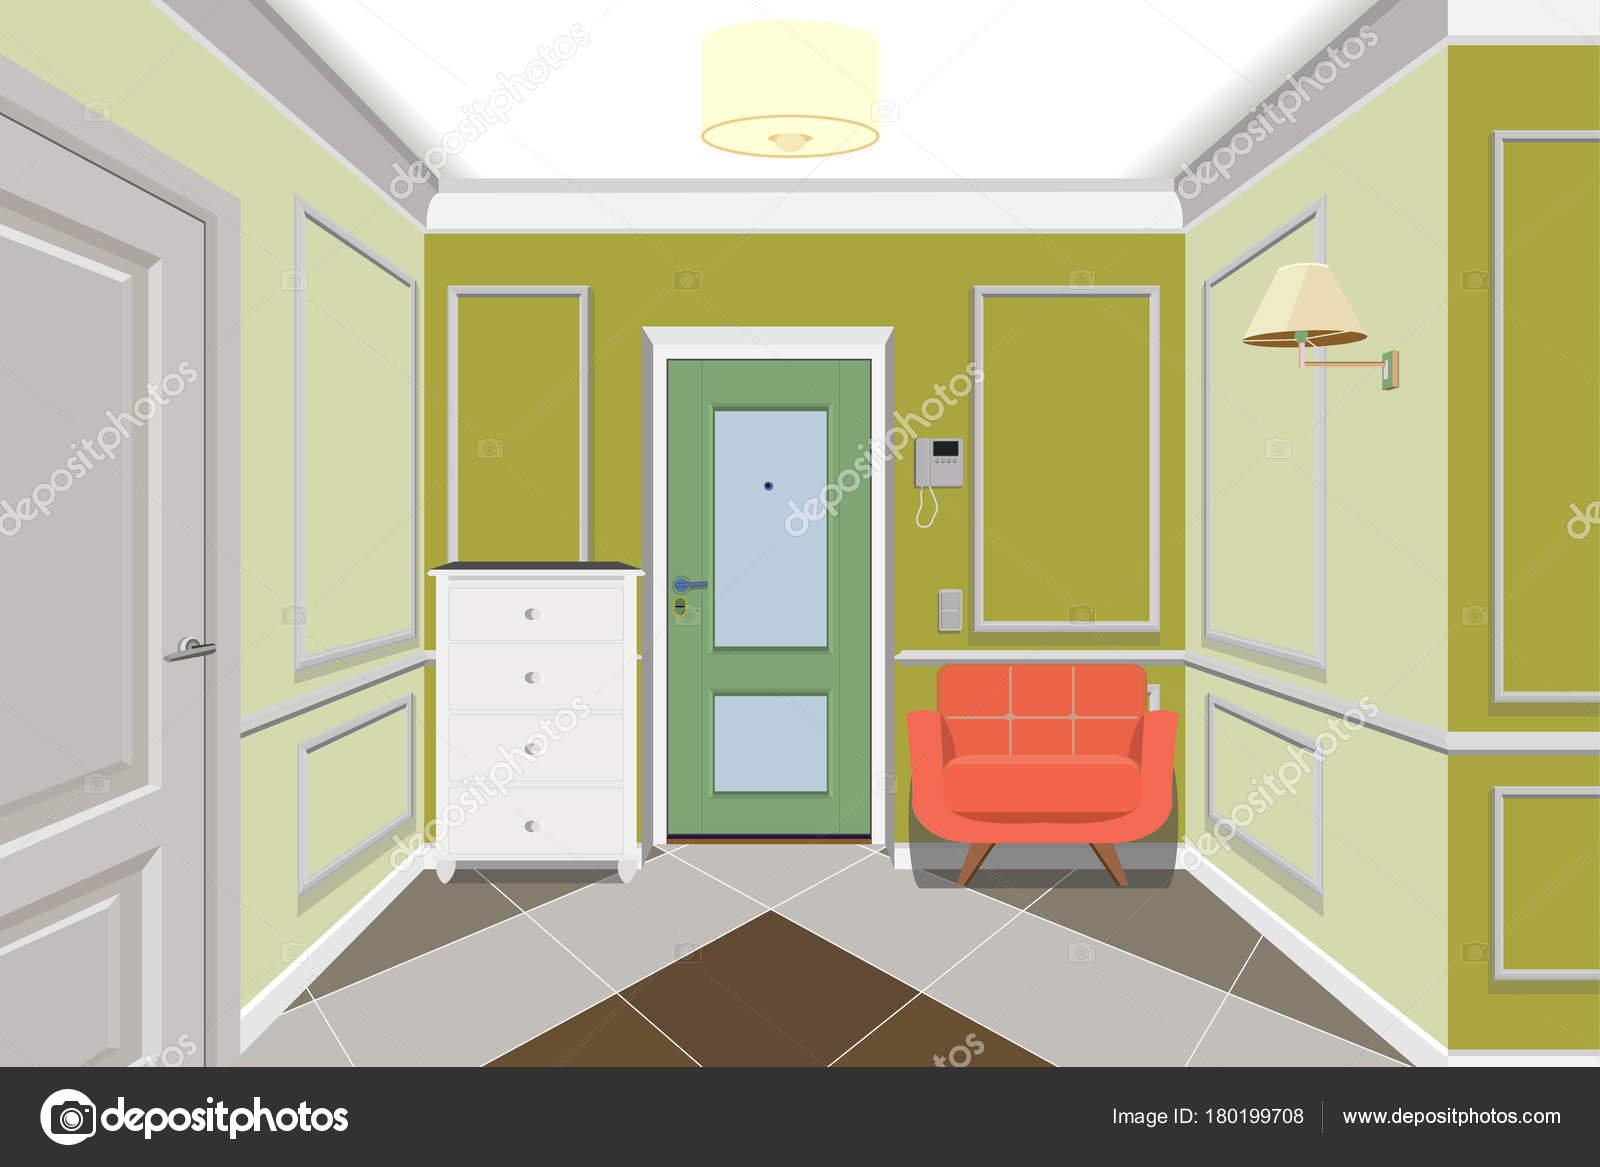 Moderne Grune Flur Mit Tur Kommode Und Sofa In Der Nahe Der Wand